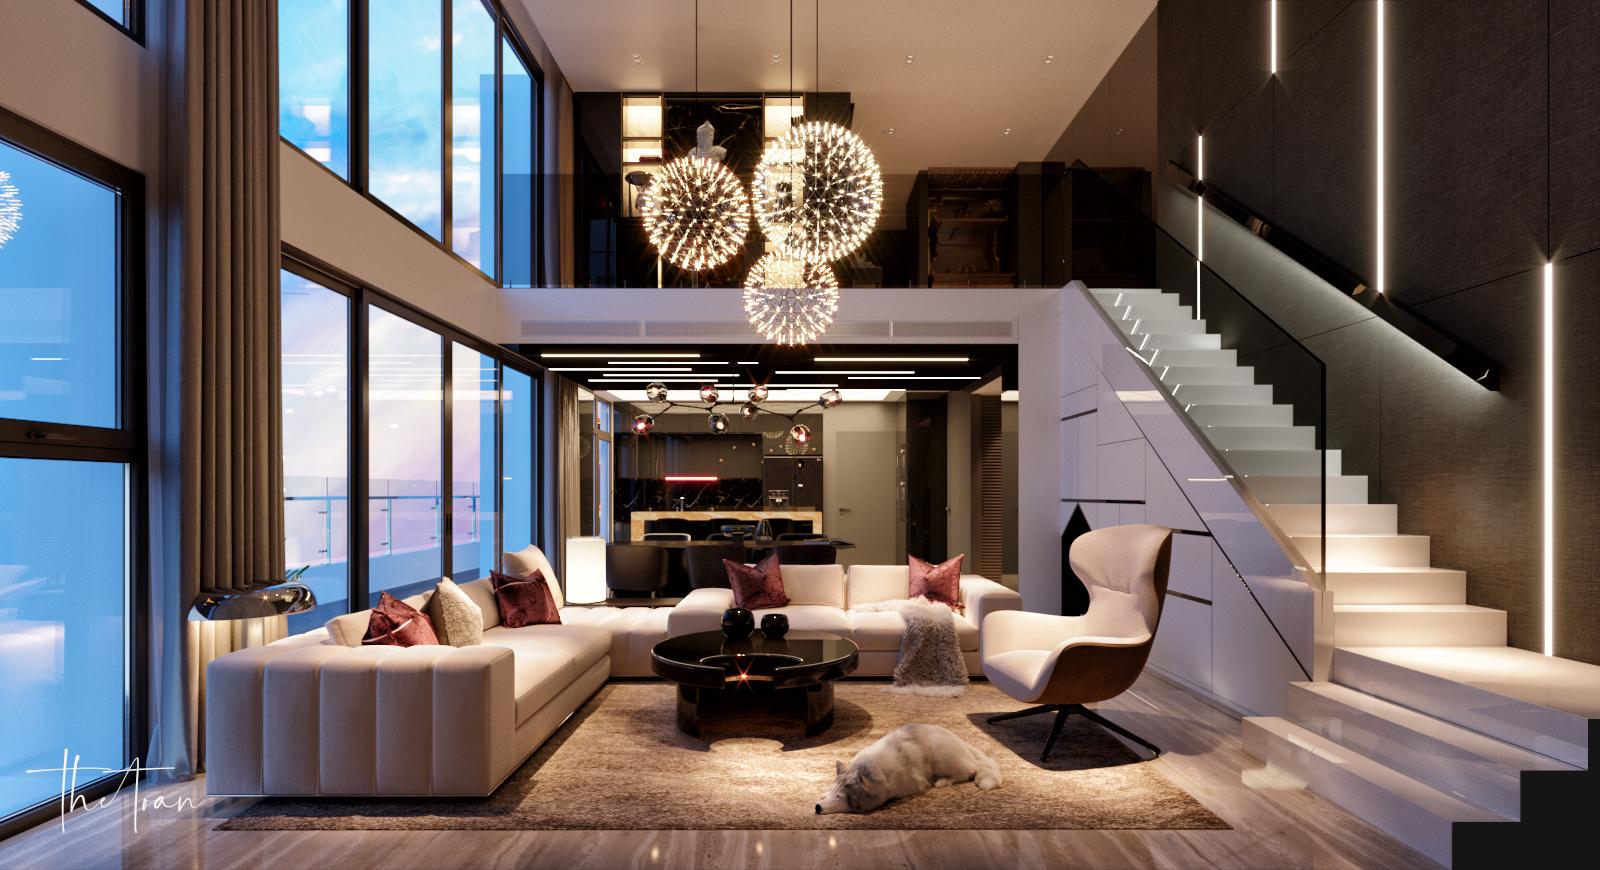 thiết kế nội thất chung cư tại Hồ Chí Minh La Astoria 2 - Penthouse 2 1564743941